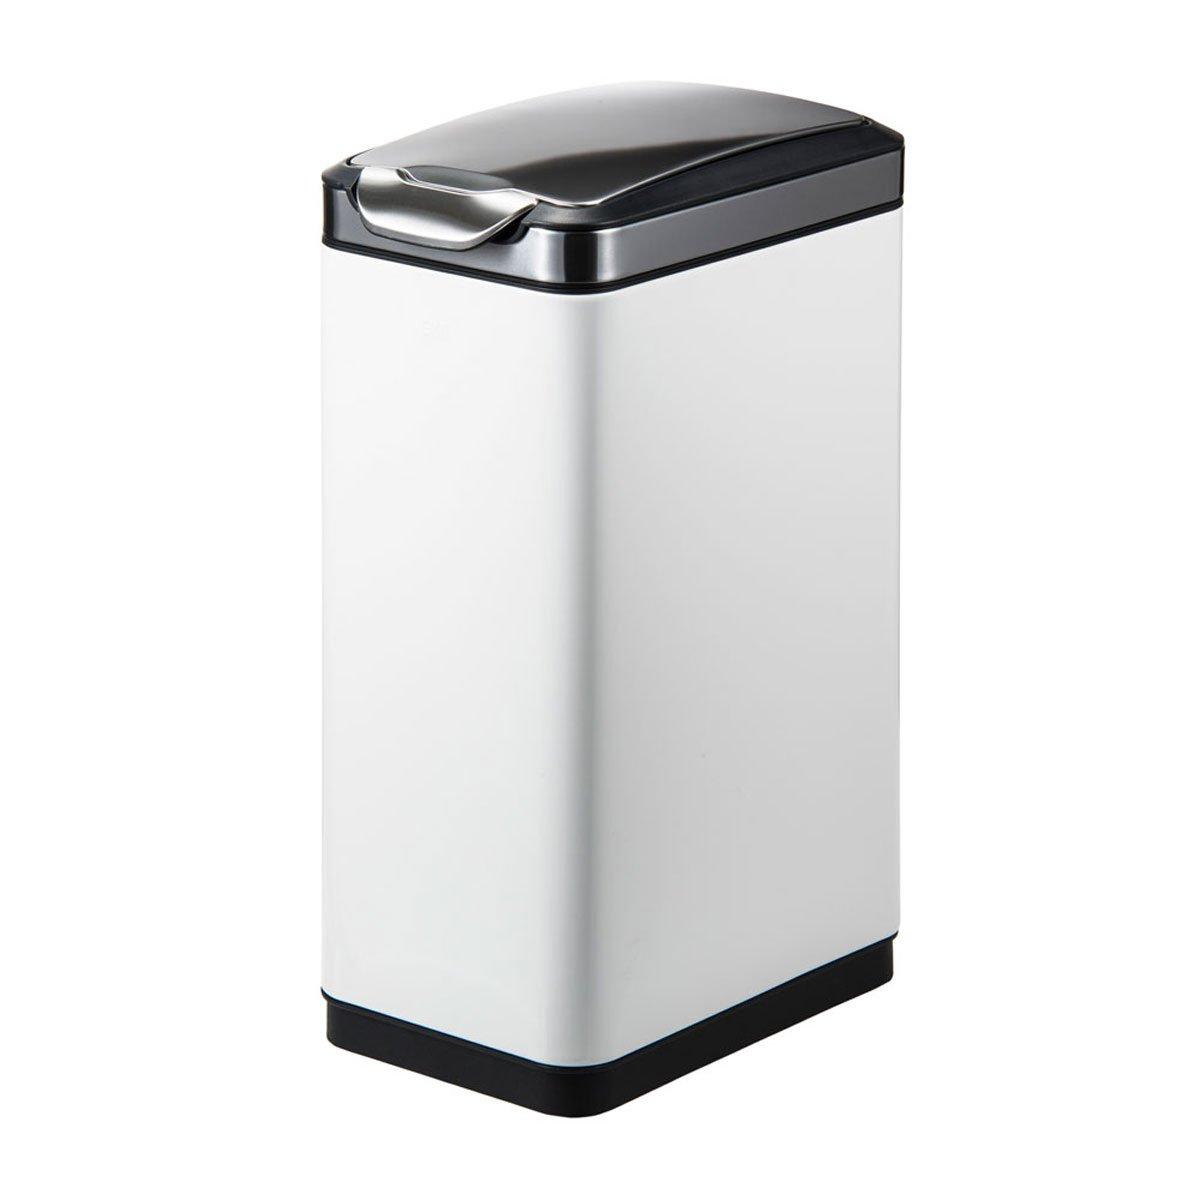 ゴミ箱 ごみ箱 30リットル ふた付き おしゃれ スリム EKO タッチプロ ビン スリム 30L ホワイト EK9177MP B074L4ST44